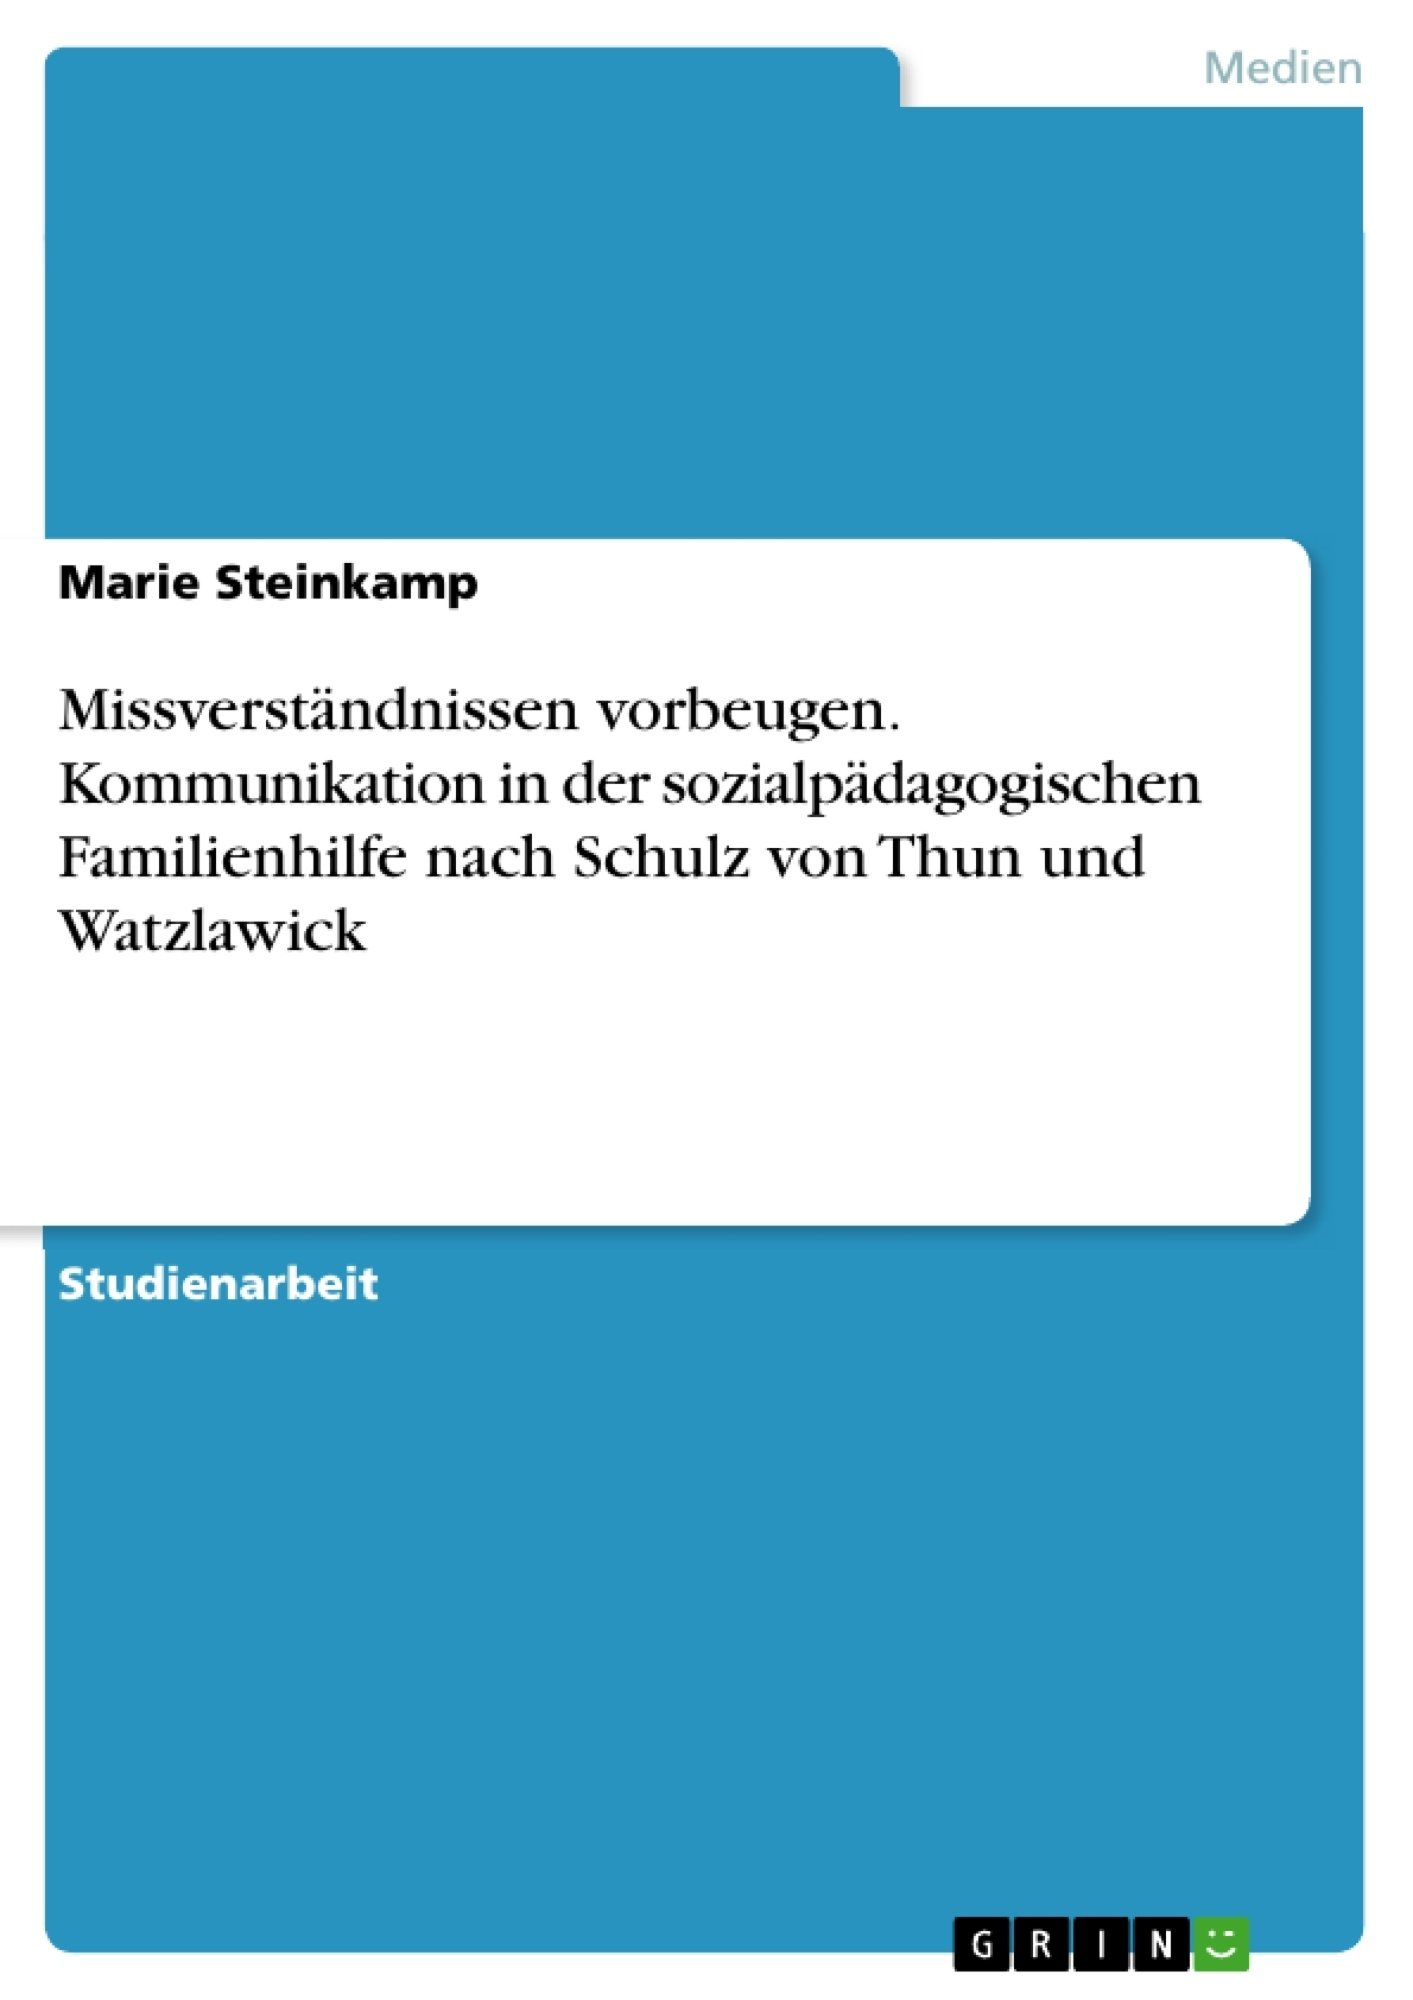 Titel: Missverständnissen vorbeugen. Kommunikation in der sozialpädagogischen Familienhilfe nach Schulz von Thun und Watzlawick